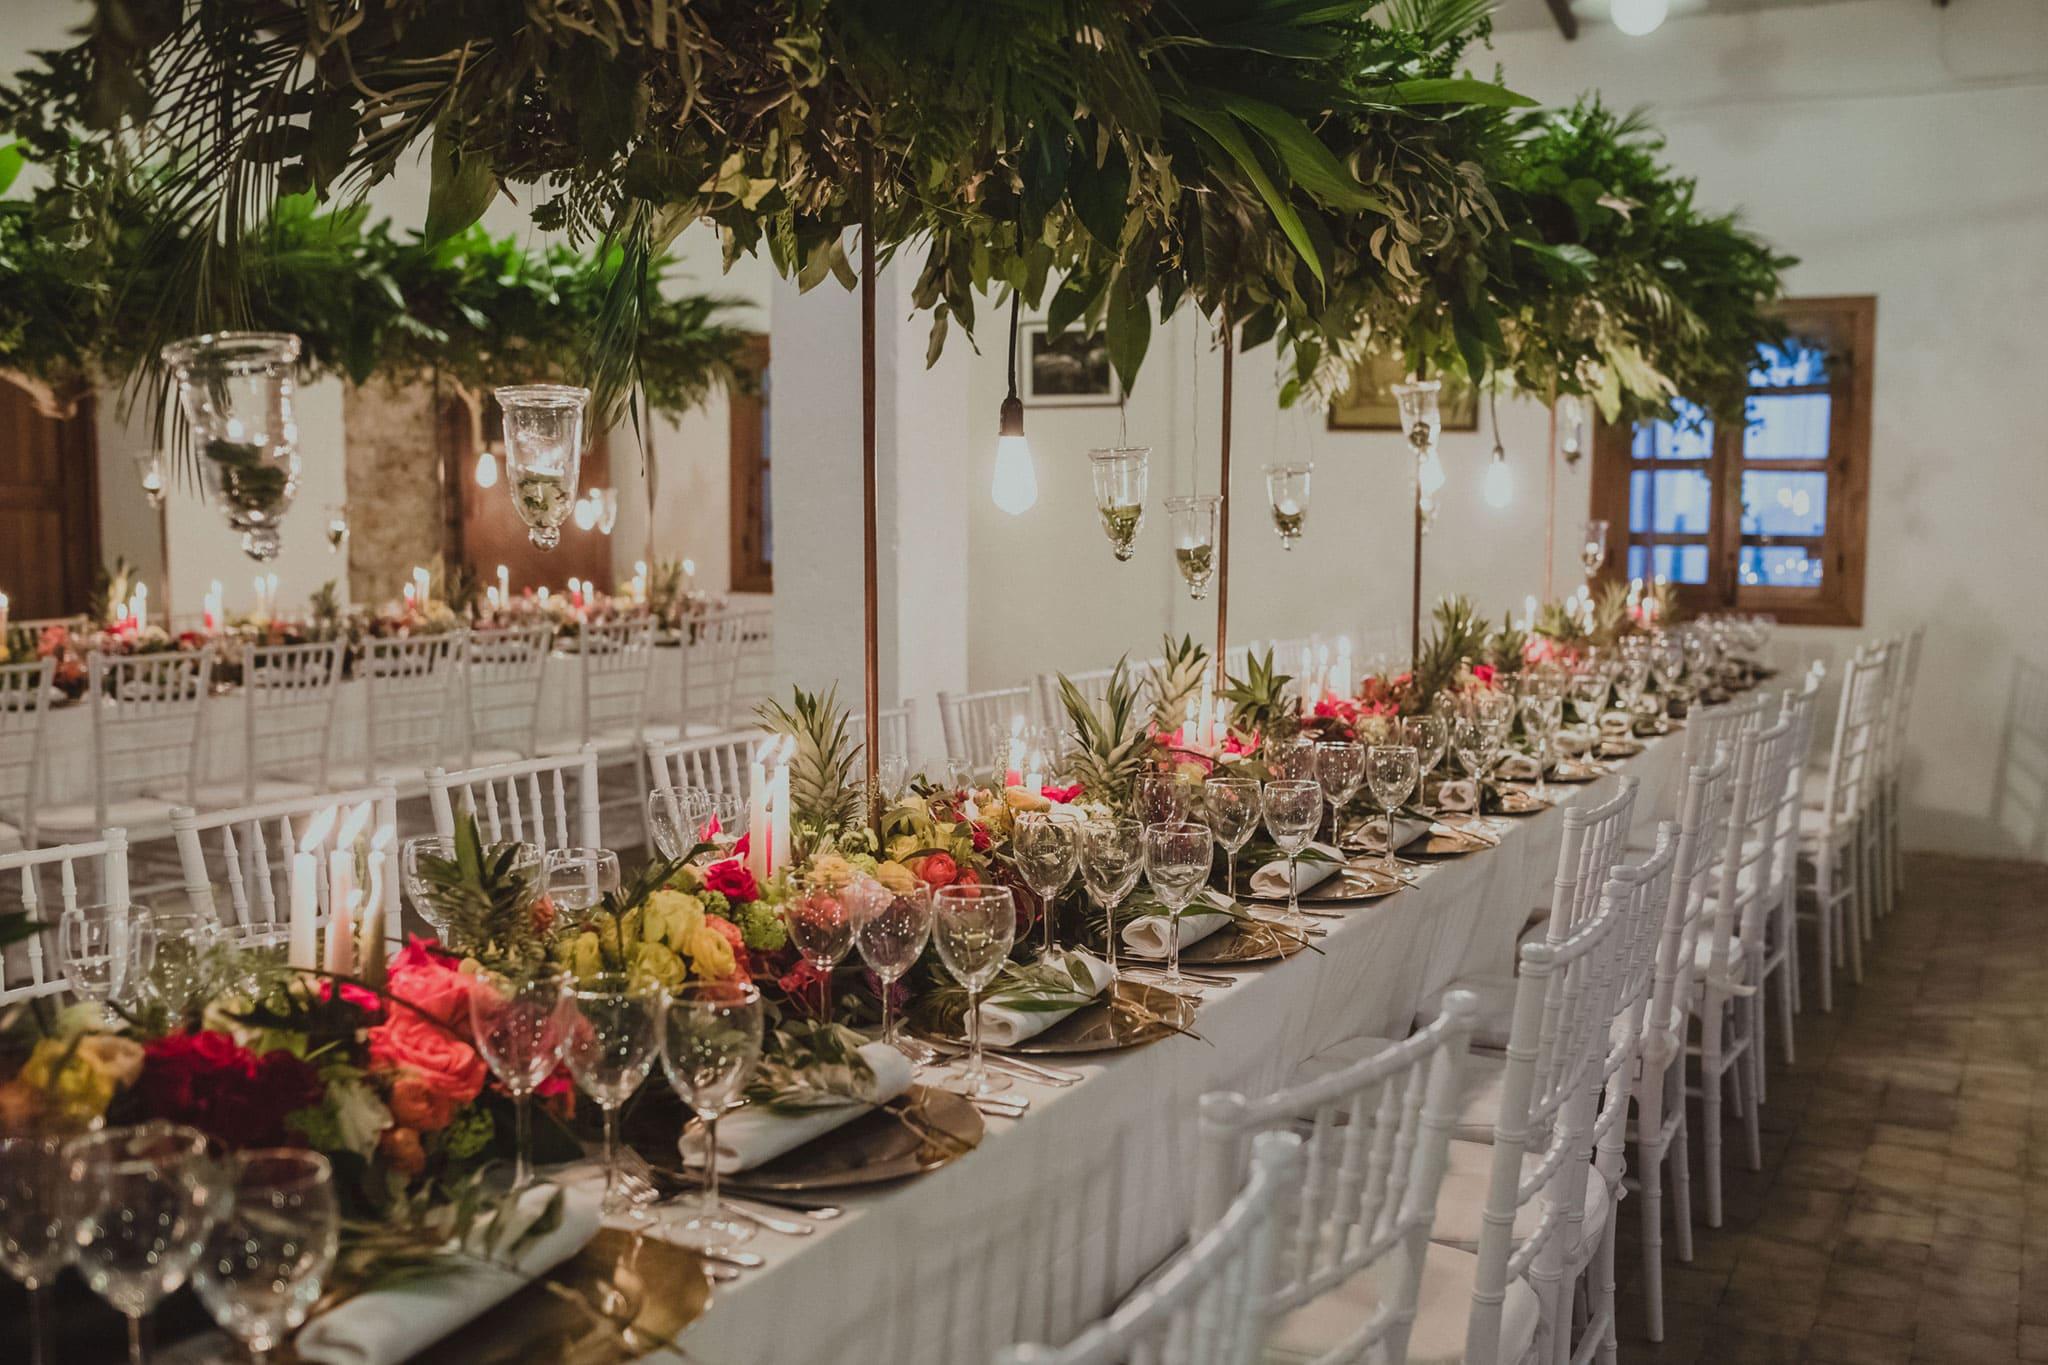 bodas tropicales decoracion